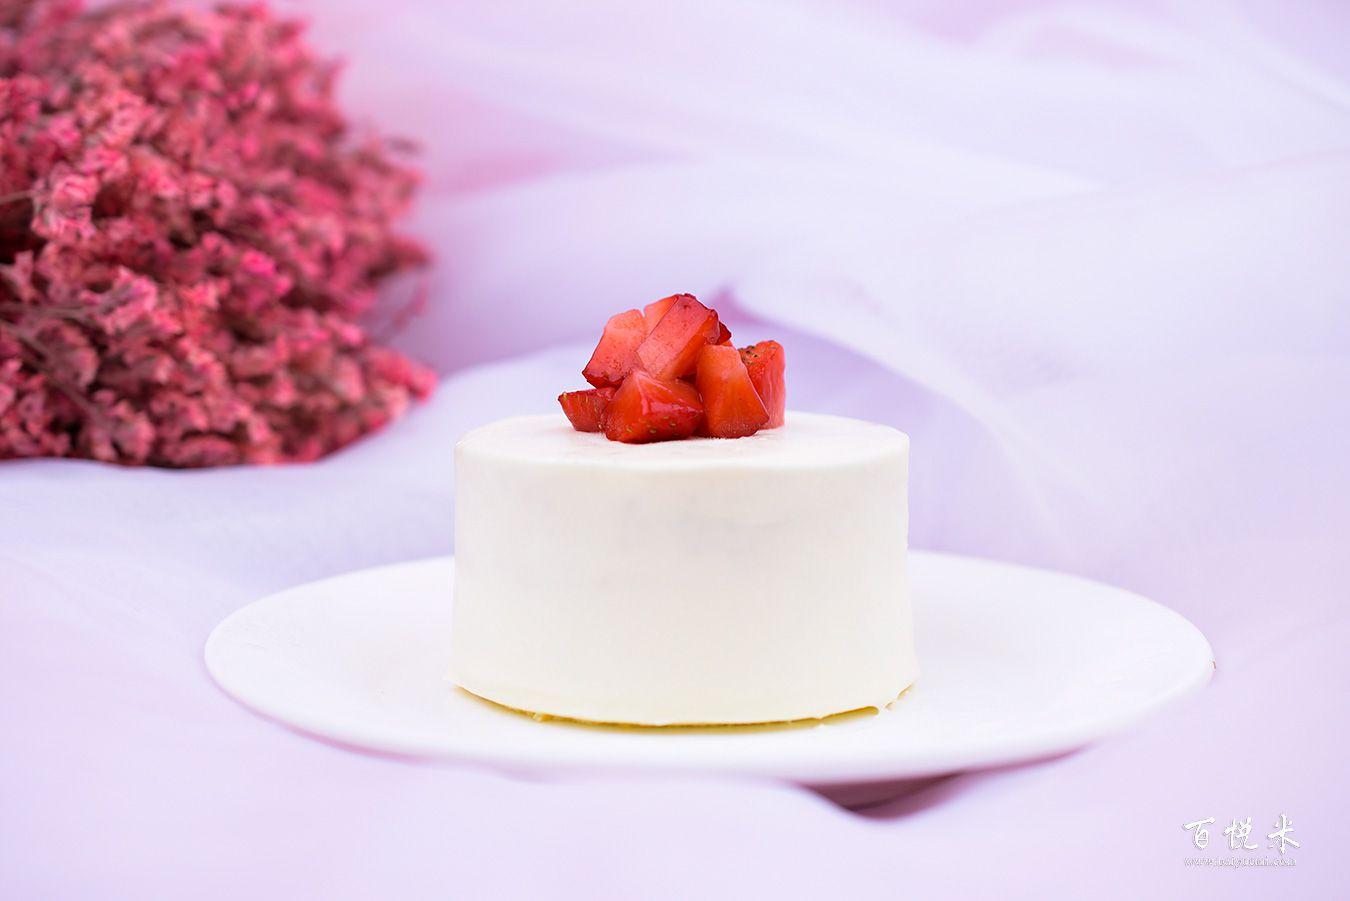 草莓小蛋糕高清图片大全【蛋糕图片】_588